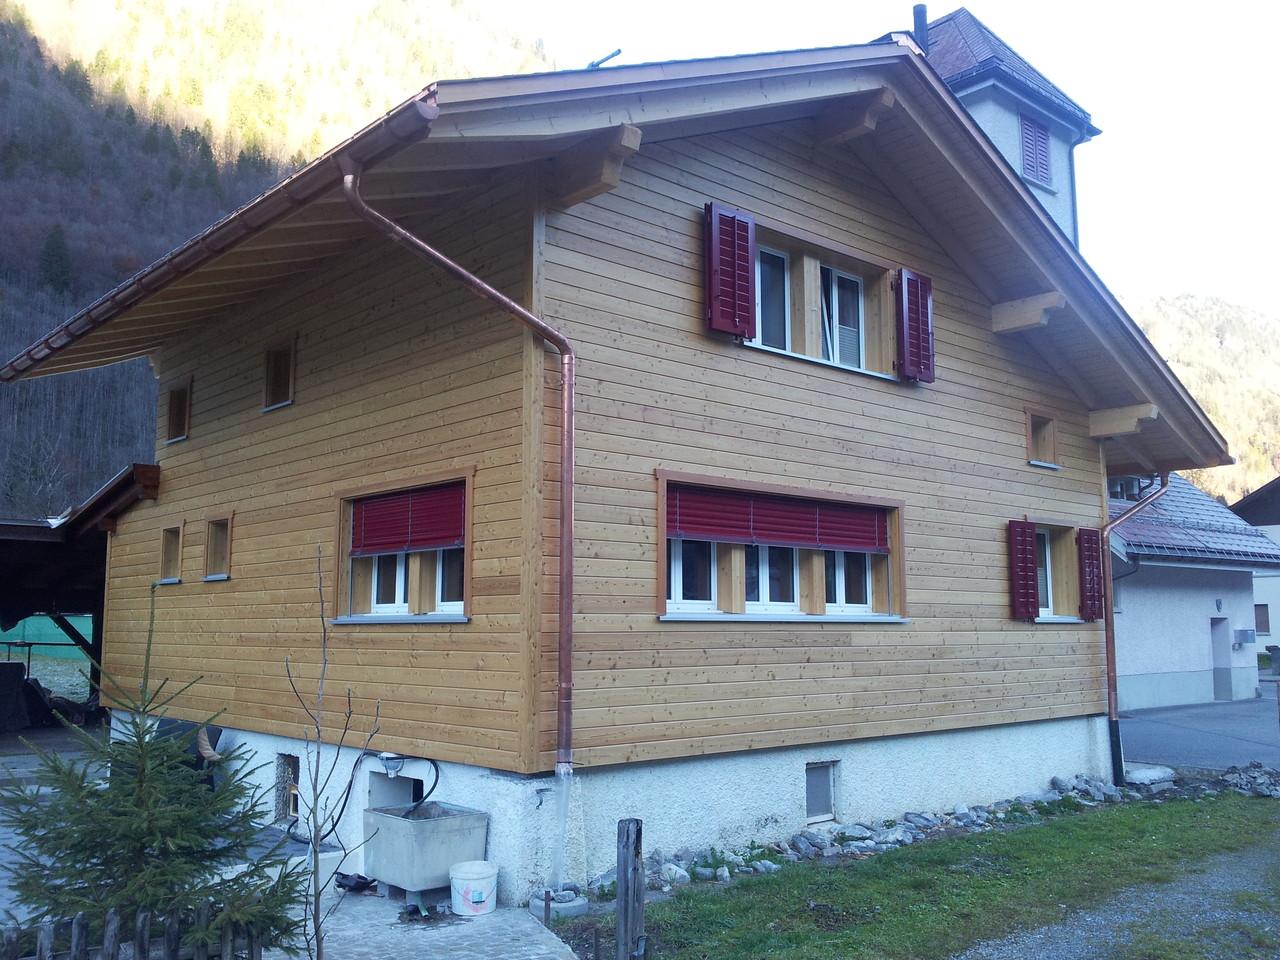 Fassade/neuer Dachstuhl/Fenster Einfamilienhaus neu, Linthal